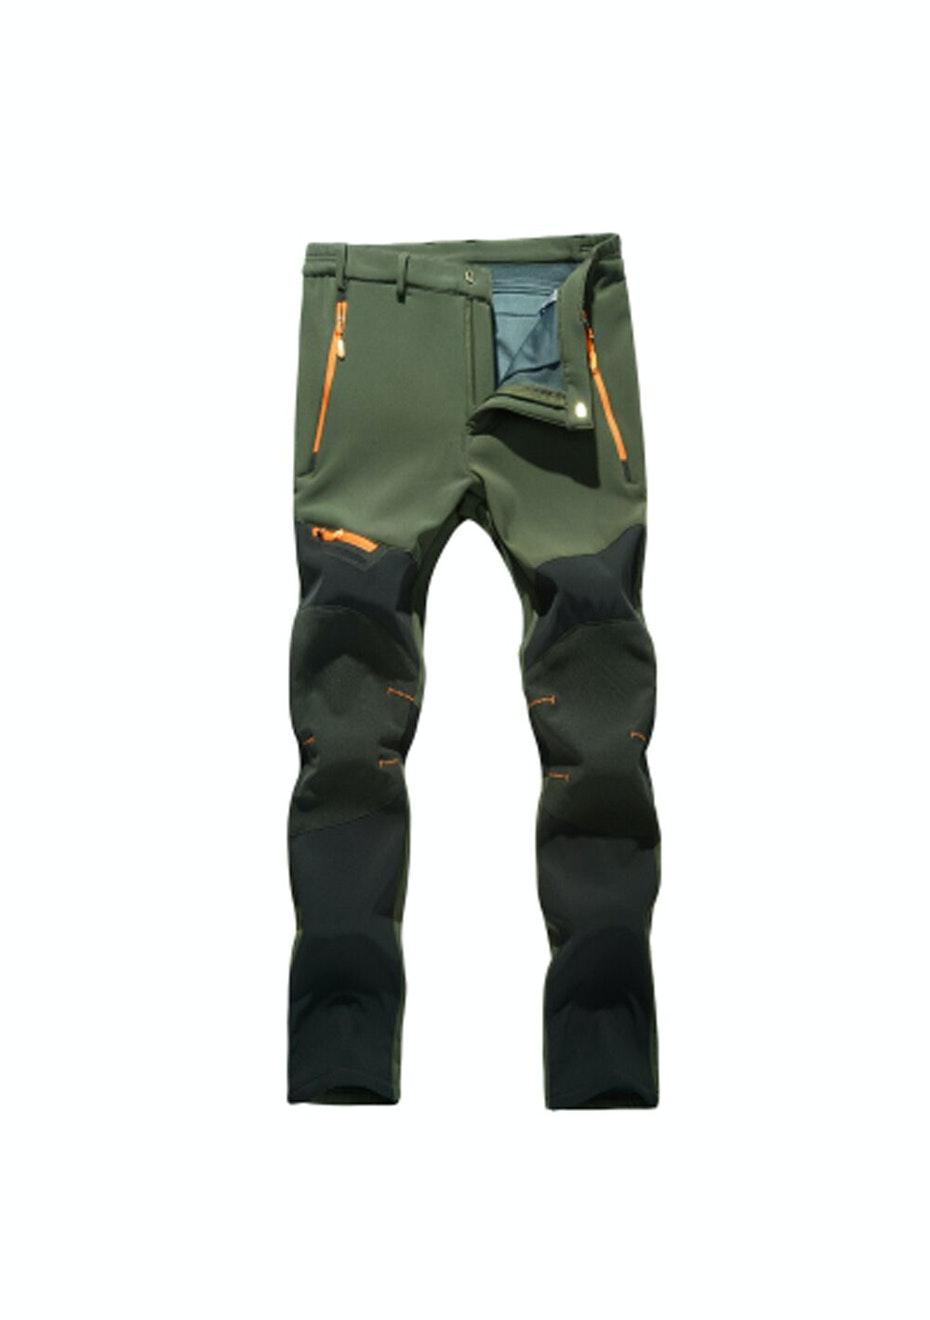 Women 2-in-1 WaterProof Pants - Khaki